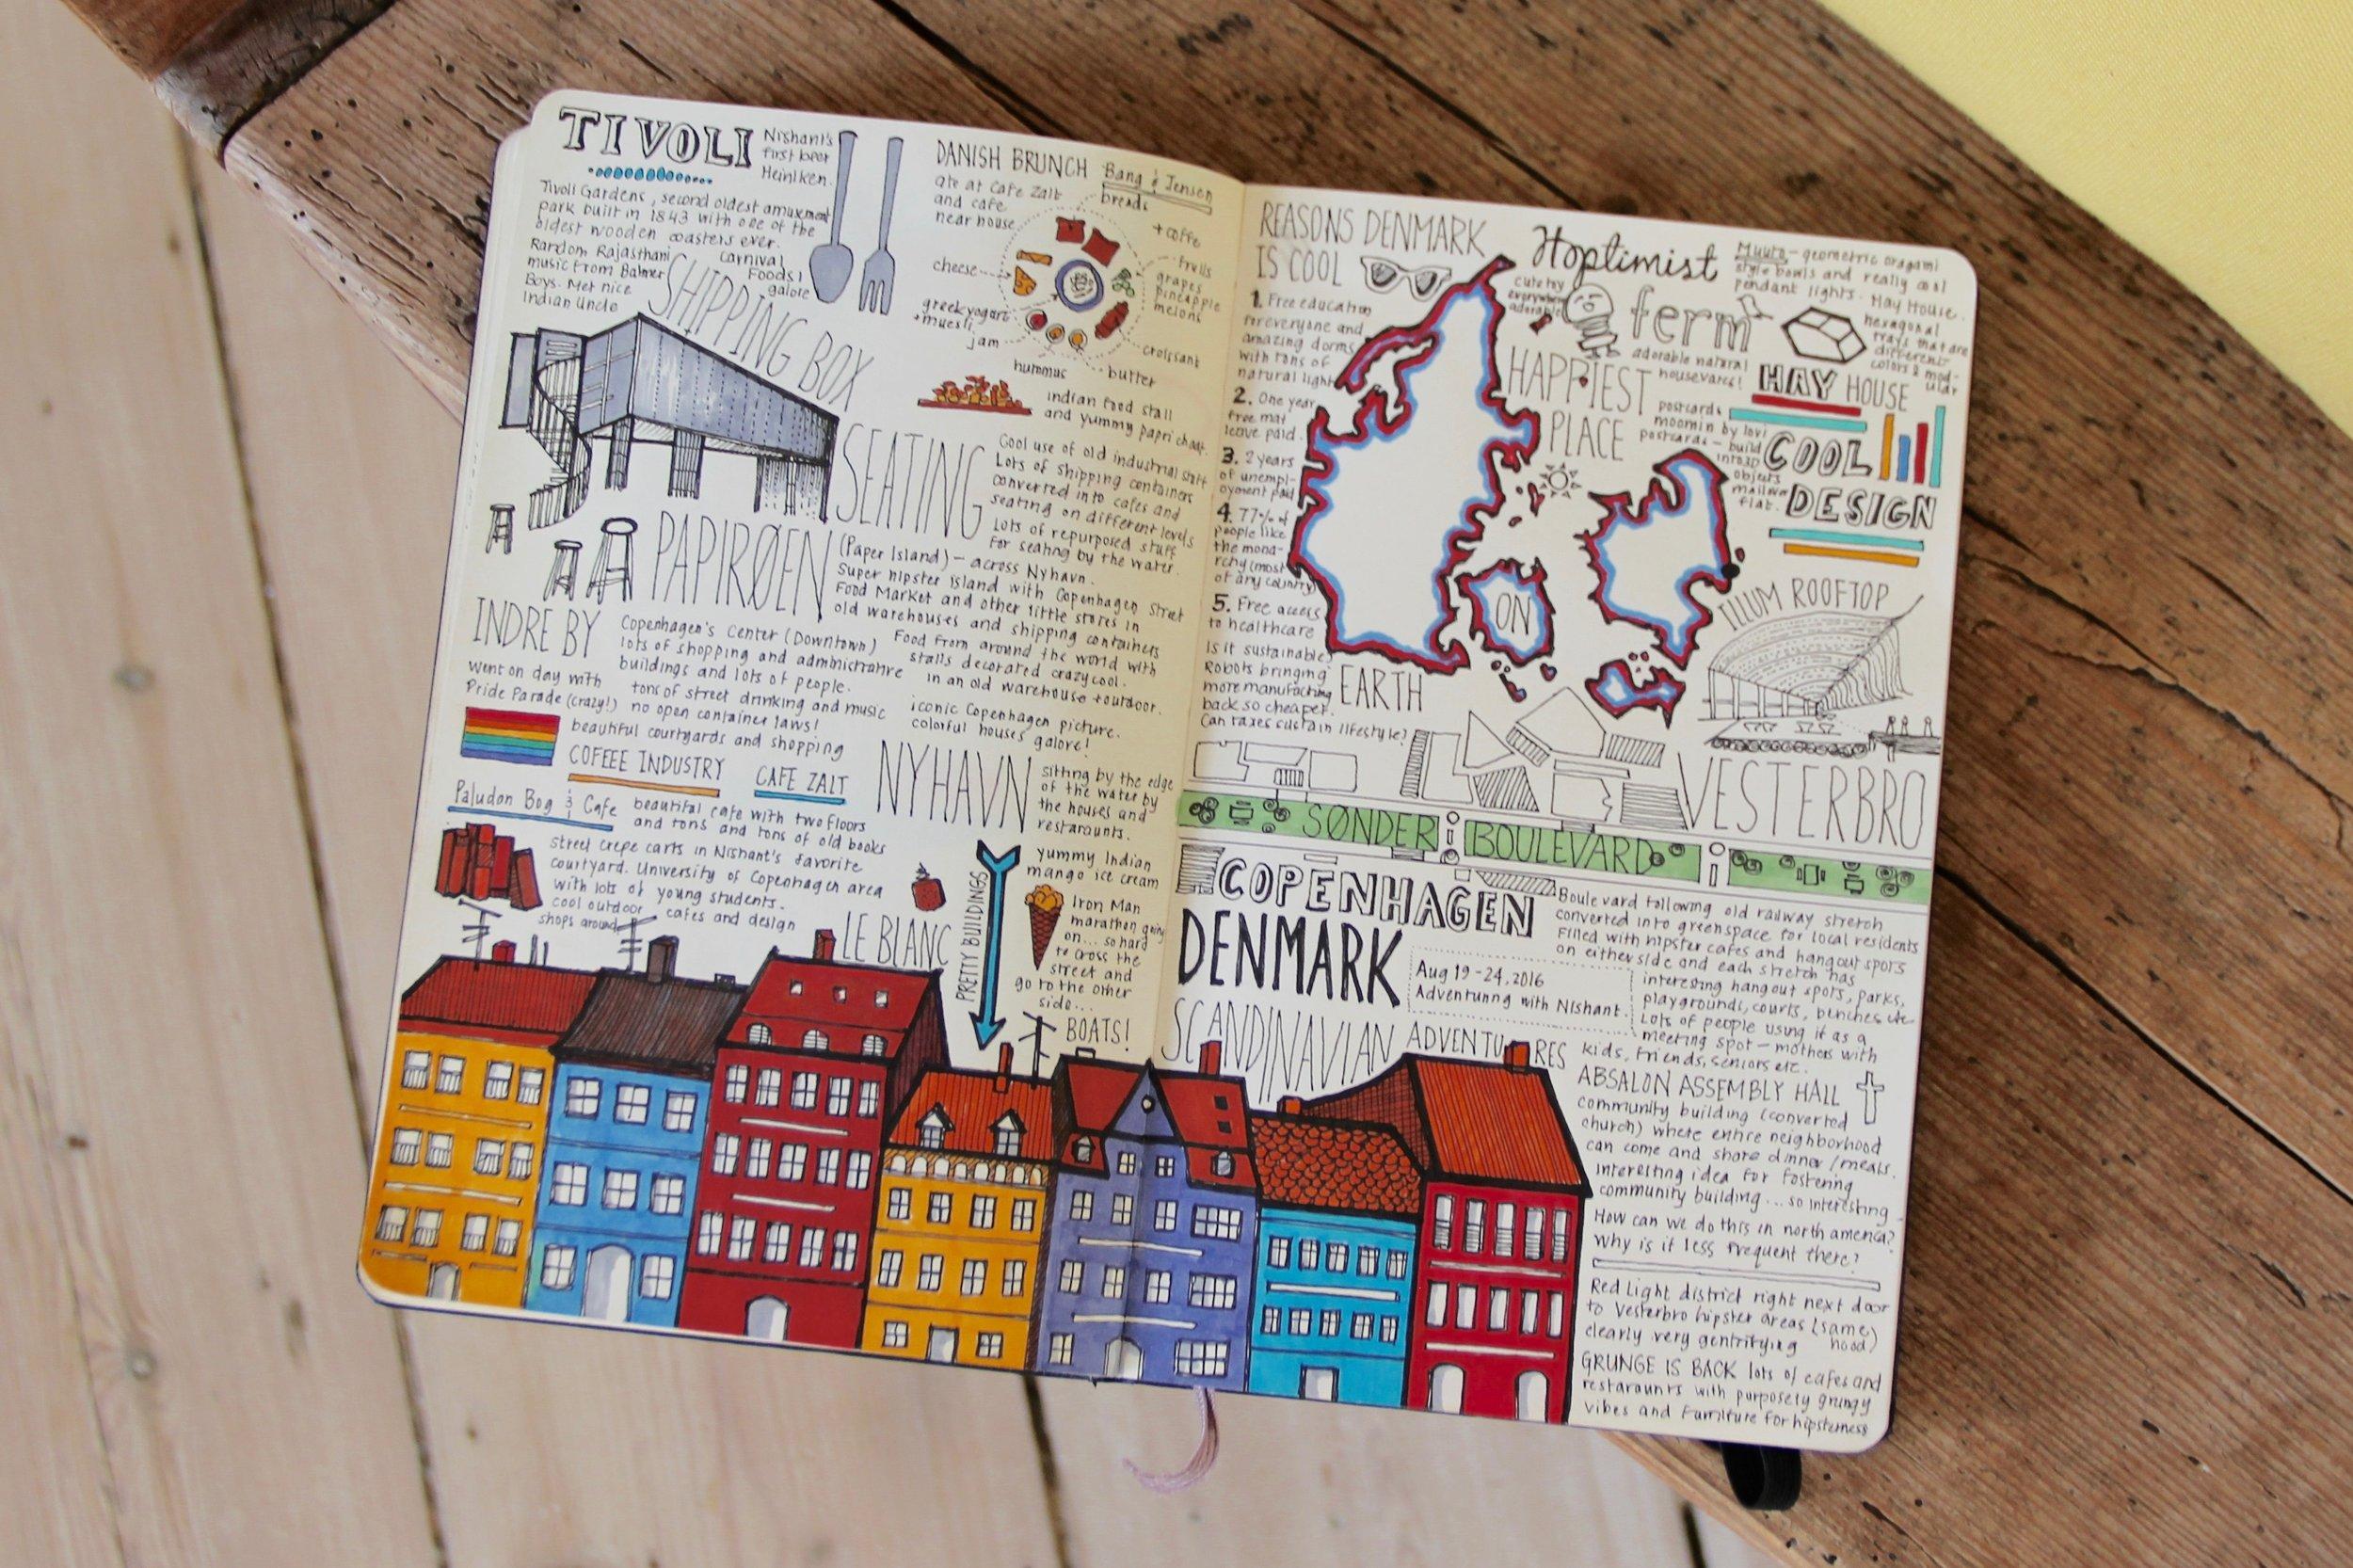 Denmark Travels